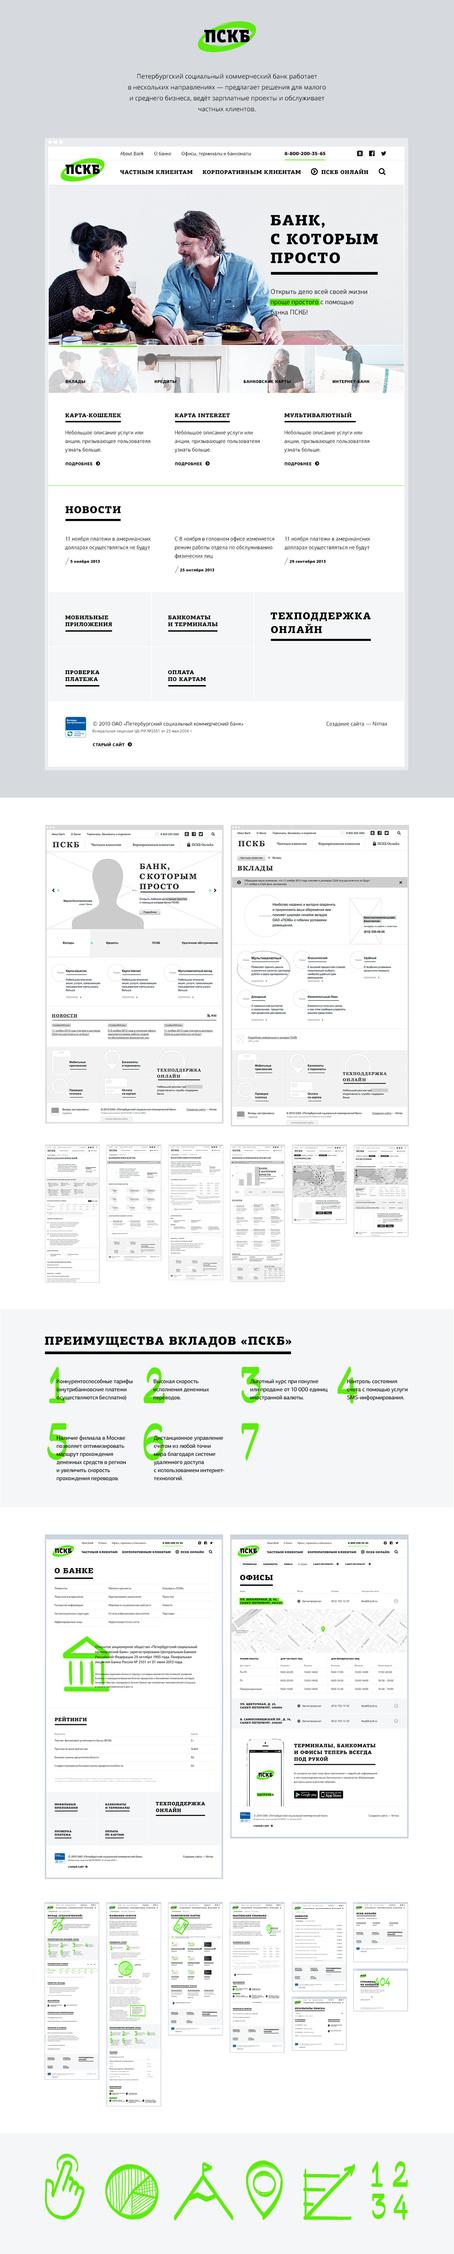 Разработка нового сайта для банка «ПСКБ».